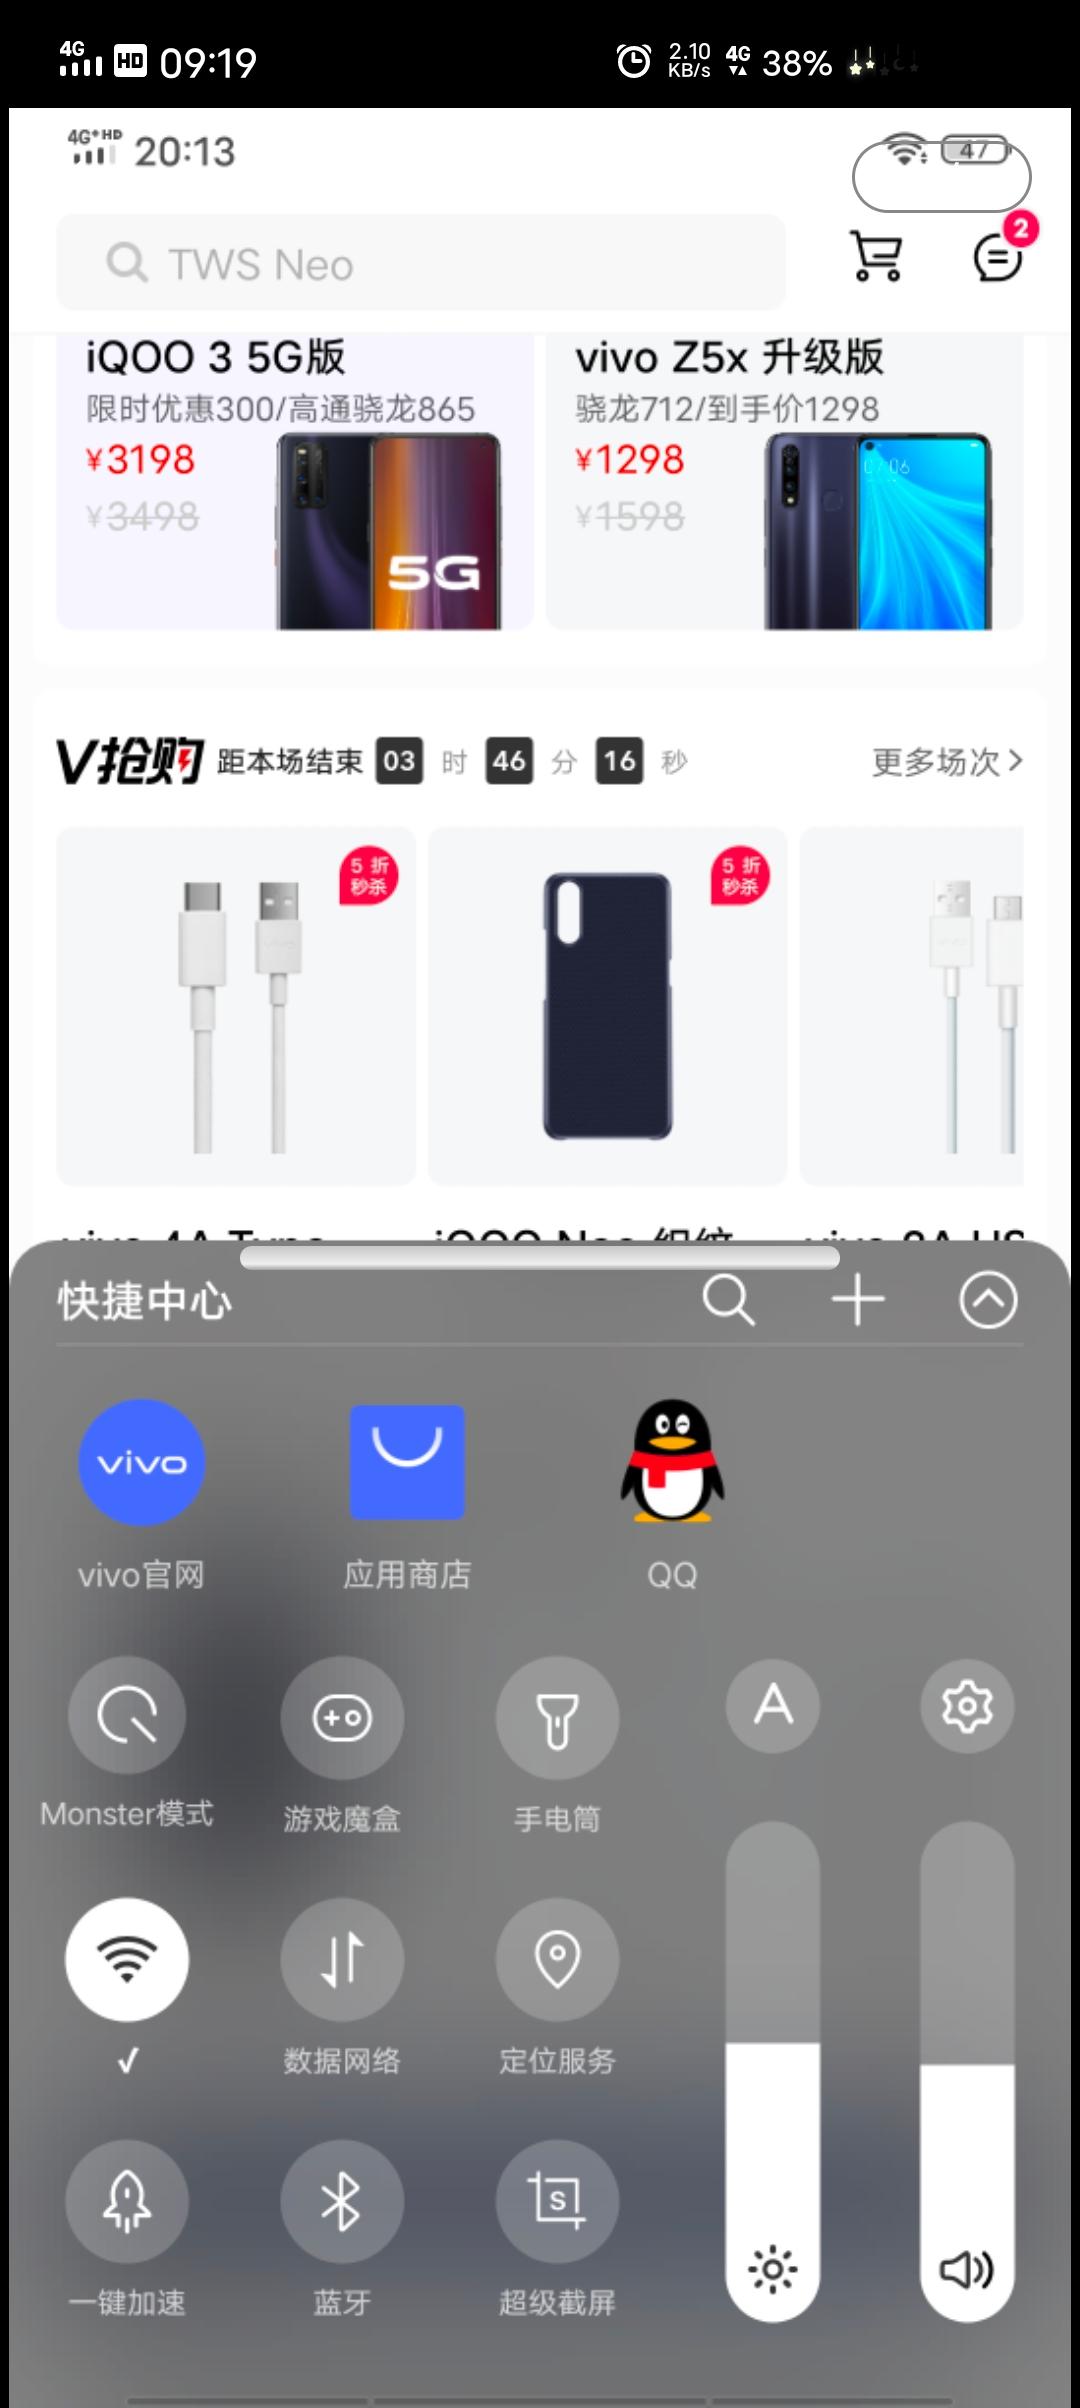 Screenshot_20200610_091901.jpg